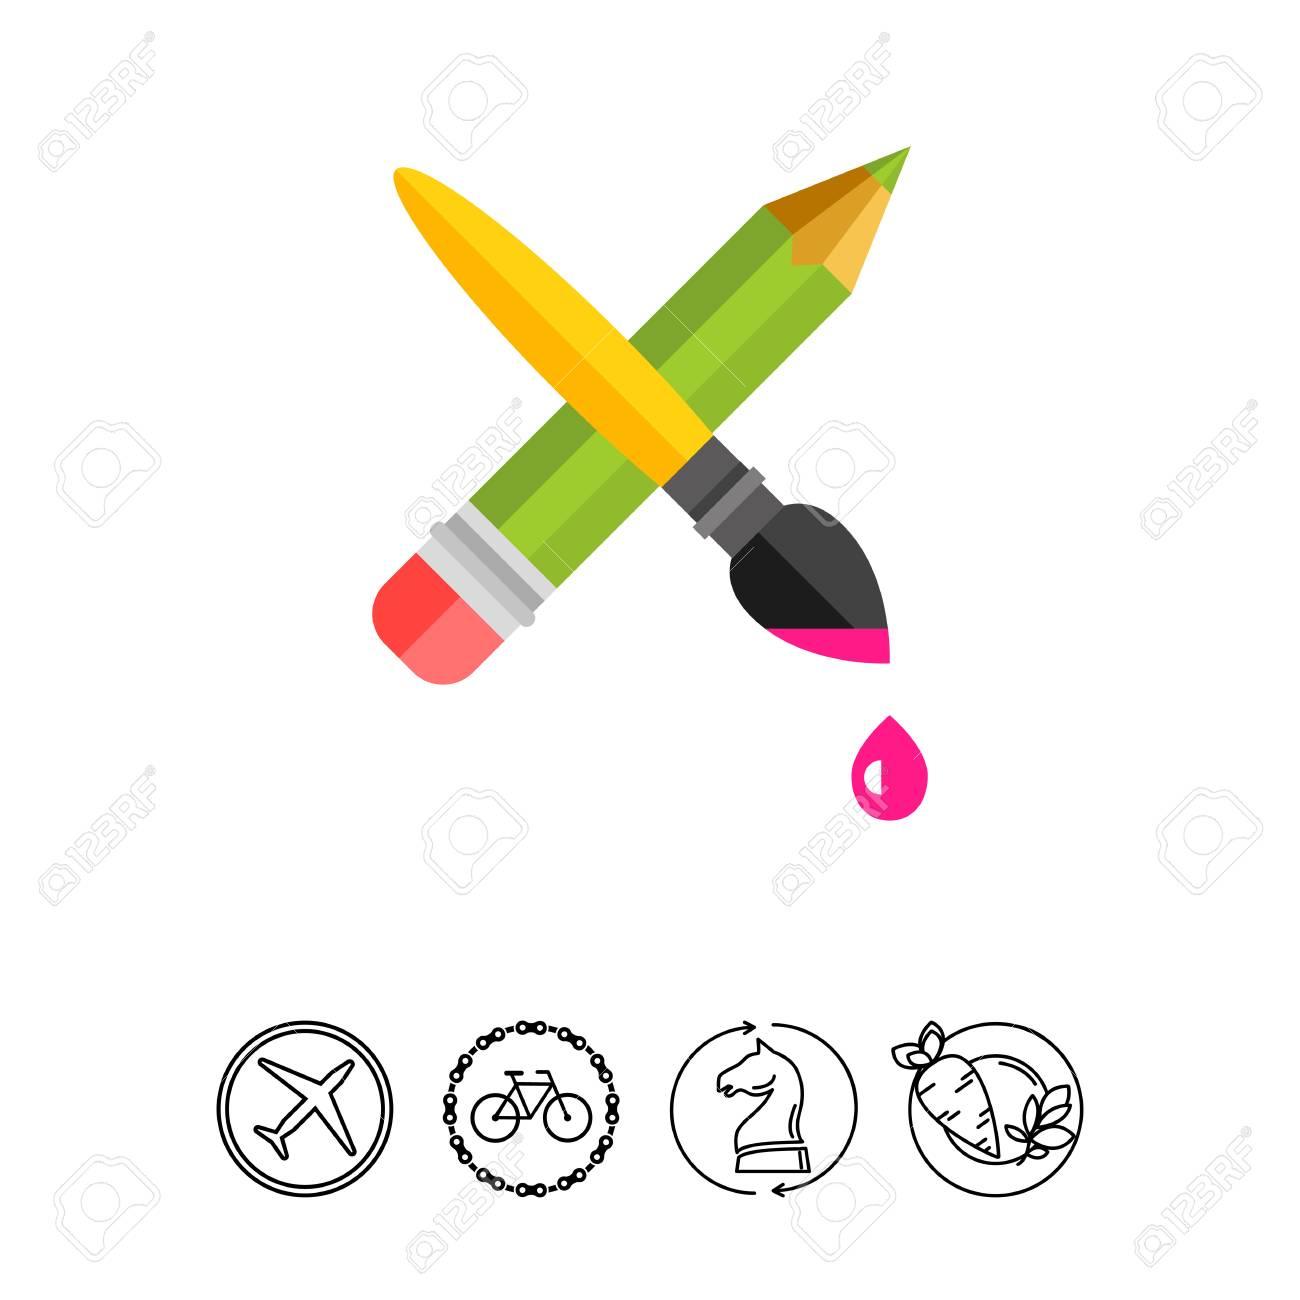 Crayon Croise Avec Pinceau Peinture Talent Creatif Concept De Dessin Peut Etre Utilise Pour Des Sujets Comme L Art Le Design Le Marketing Clip Art Libres De Droits Vecteurs Et Illustration Image